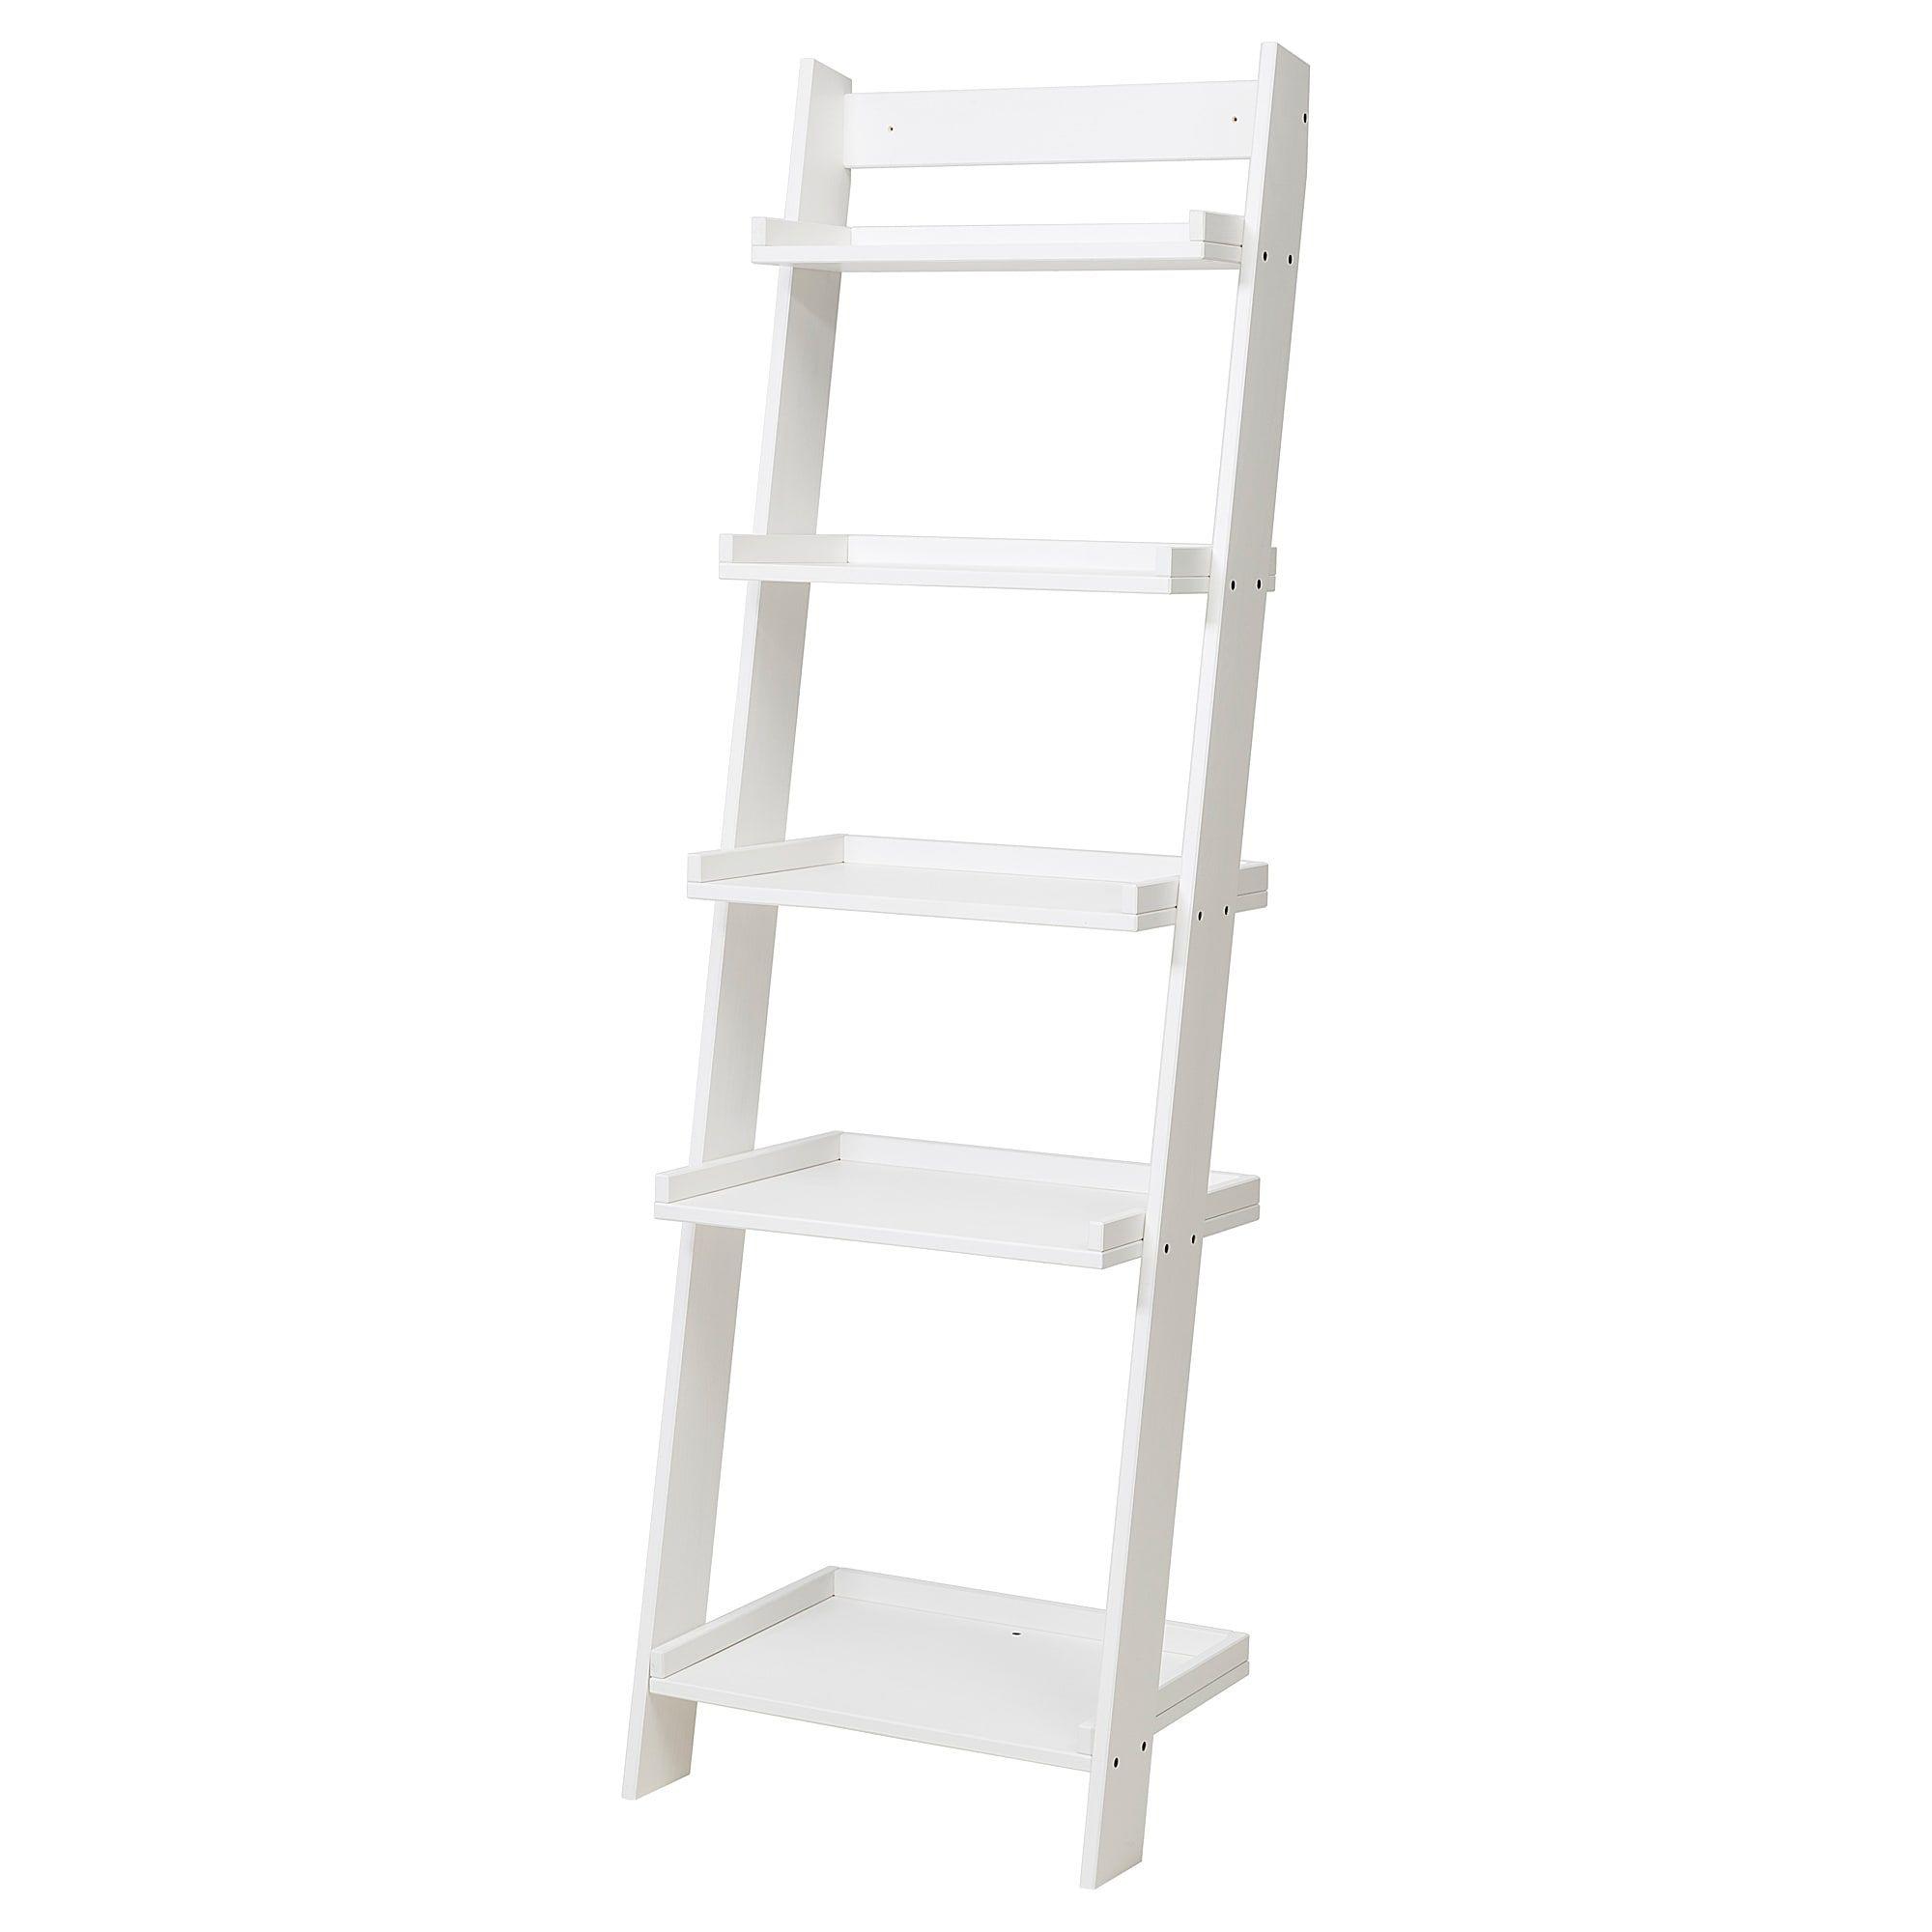 Hoghem Wall Shelf White 22 1 2x73 5 8 Wall Shelves Diy Wall Shelves Shelves